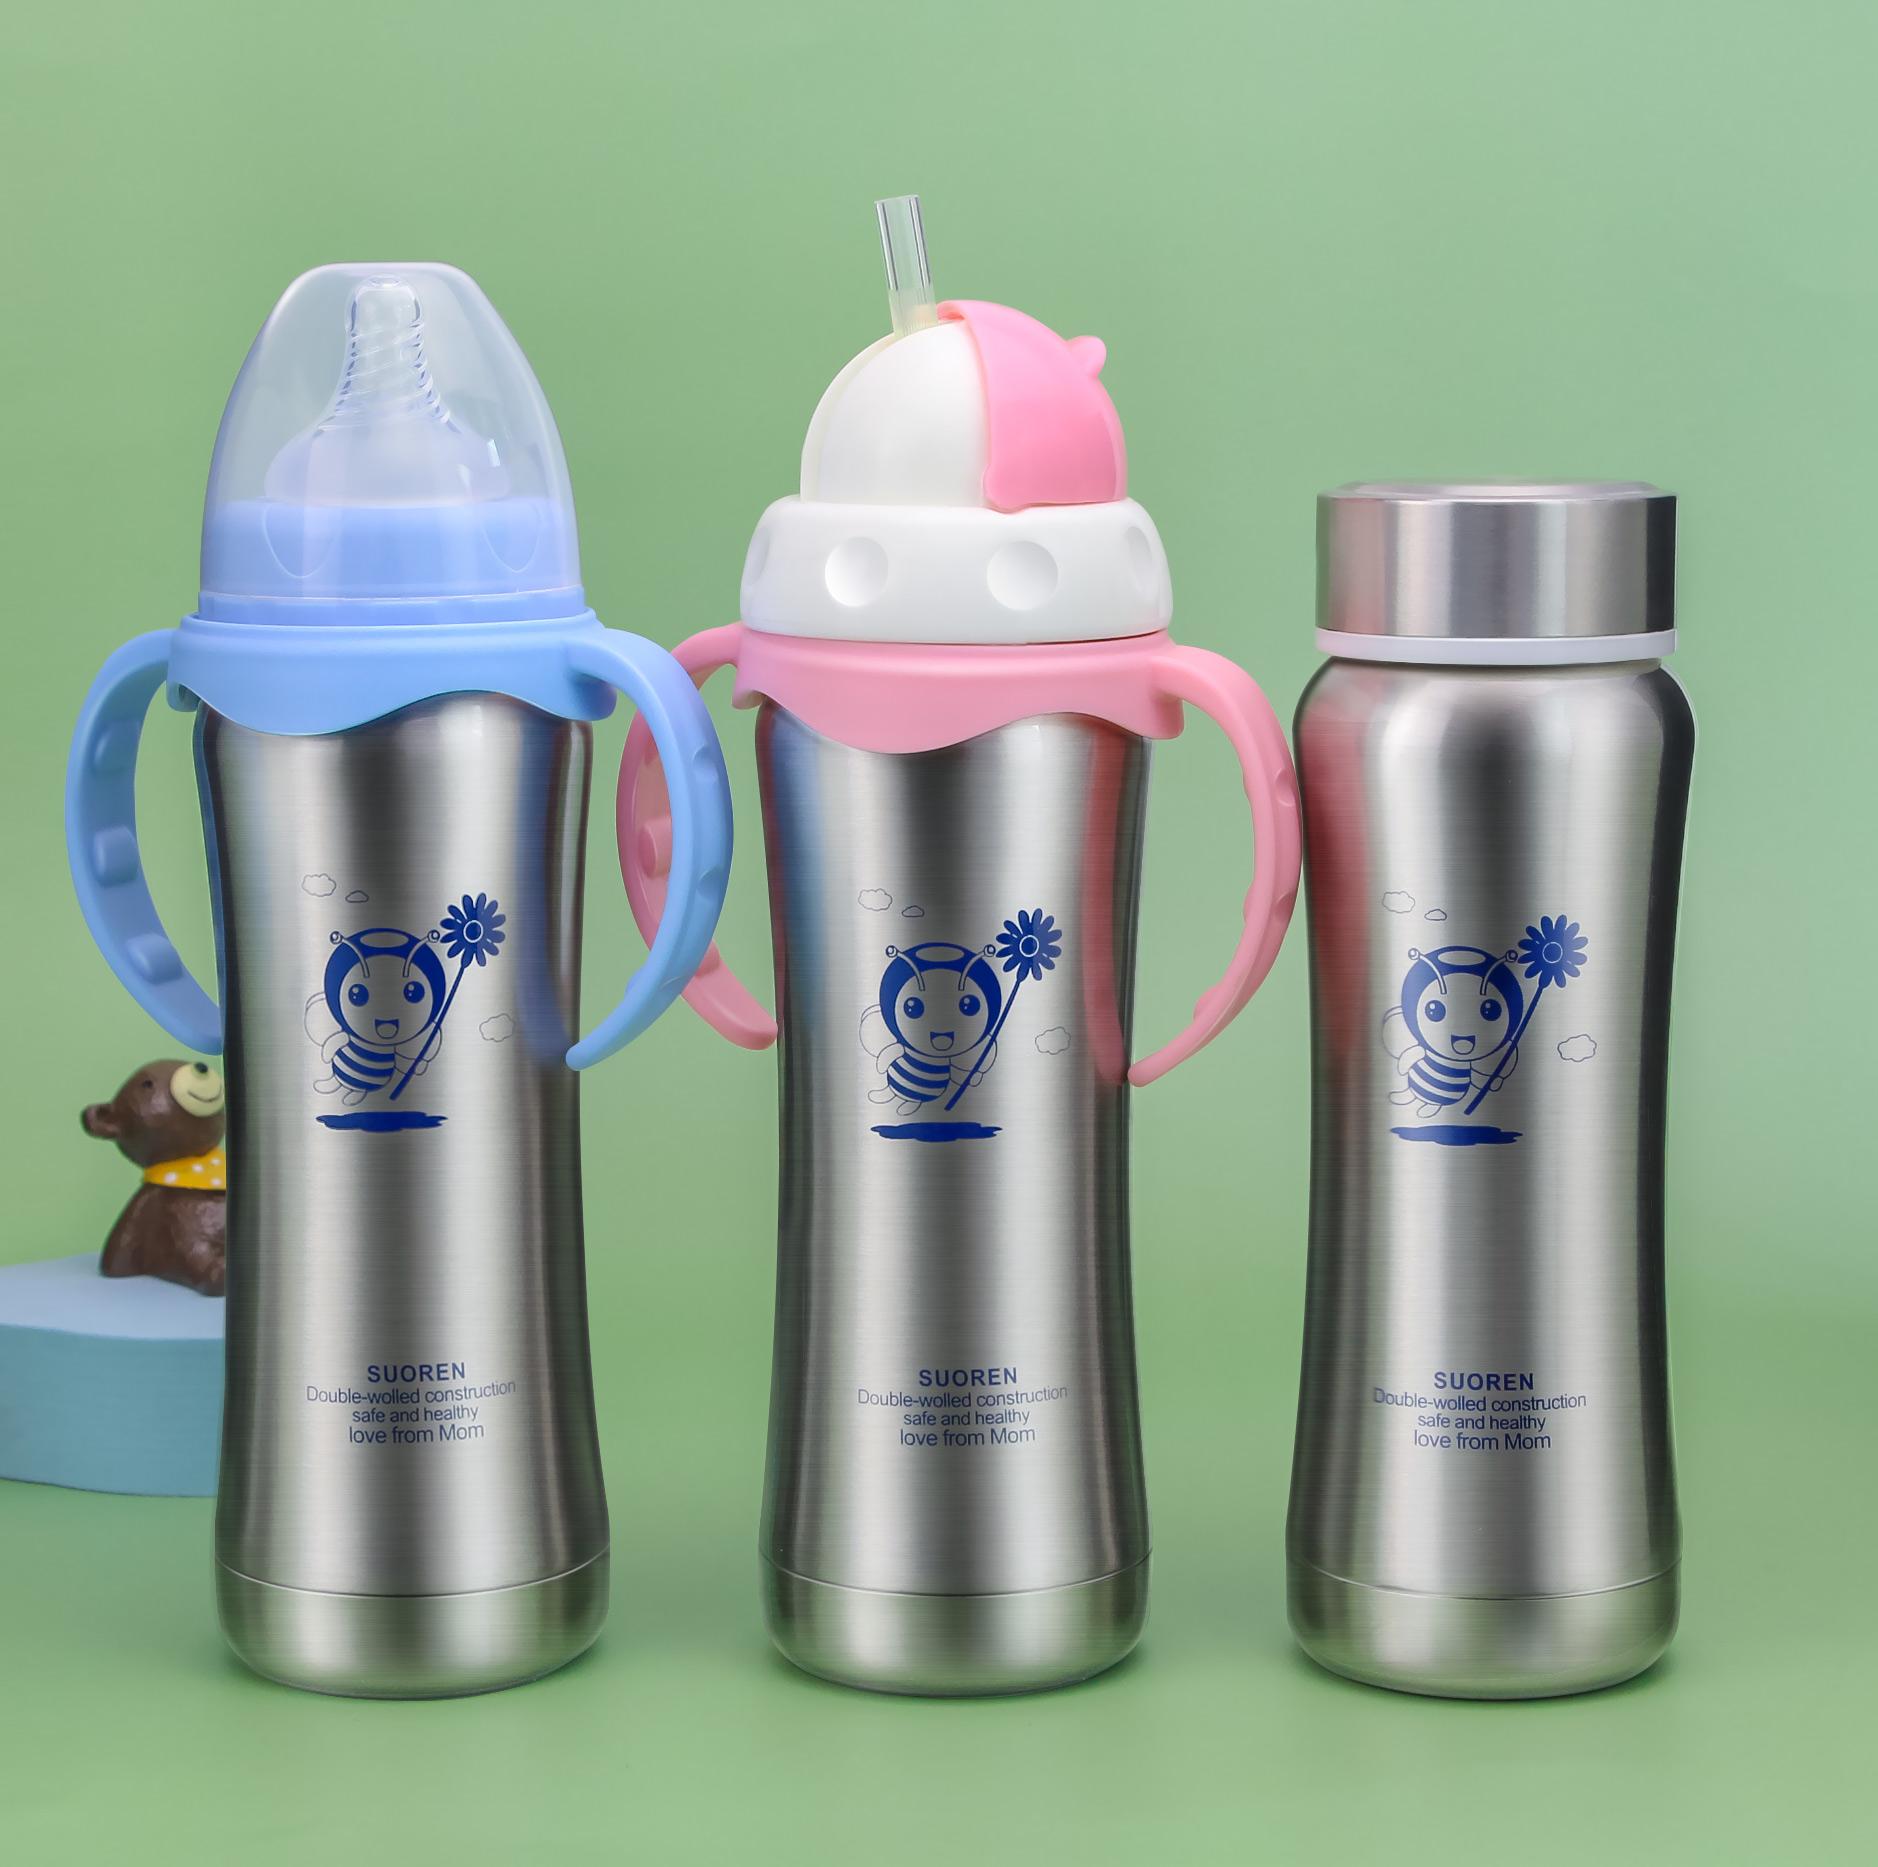 宝宝不锈钢保温奶瓶宽口径新生儿婴儿儿童两用保温杯带吸管手柄